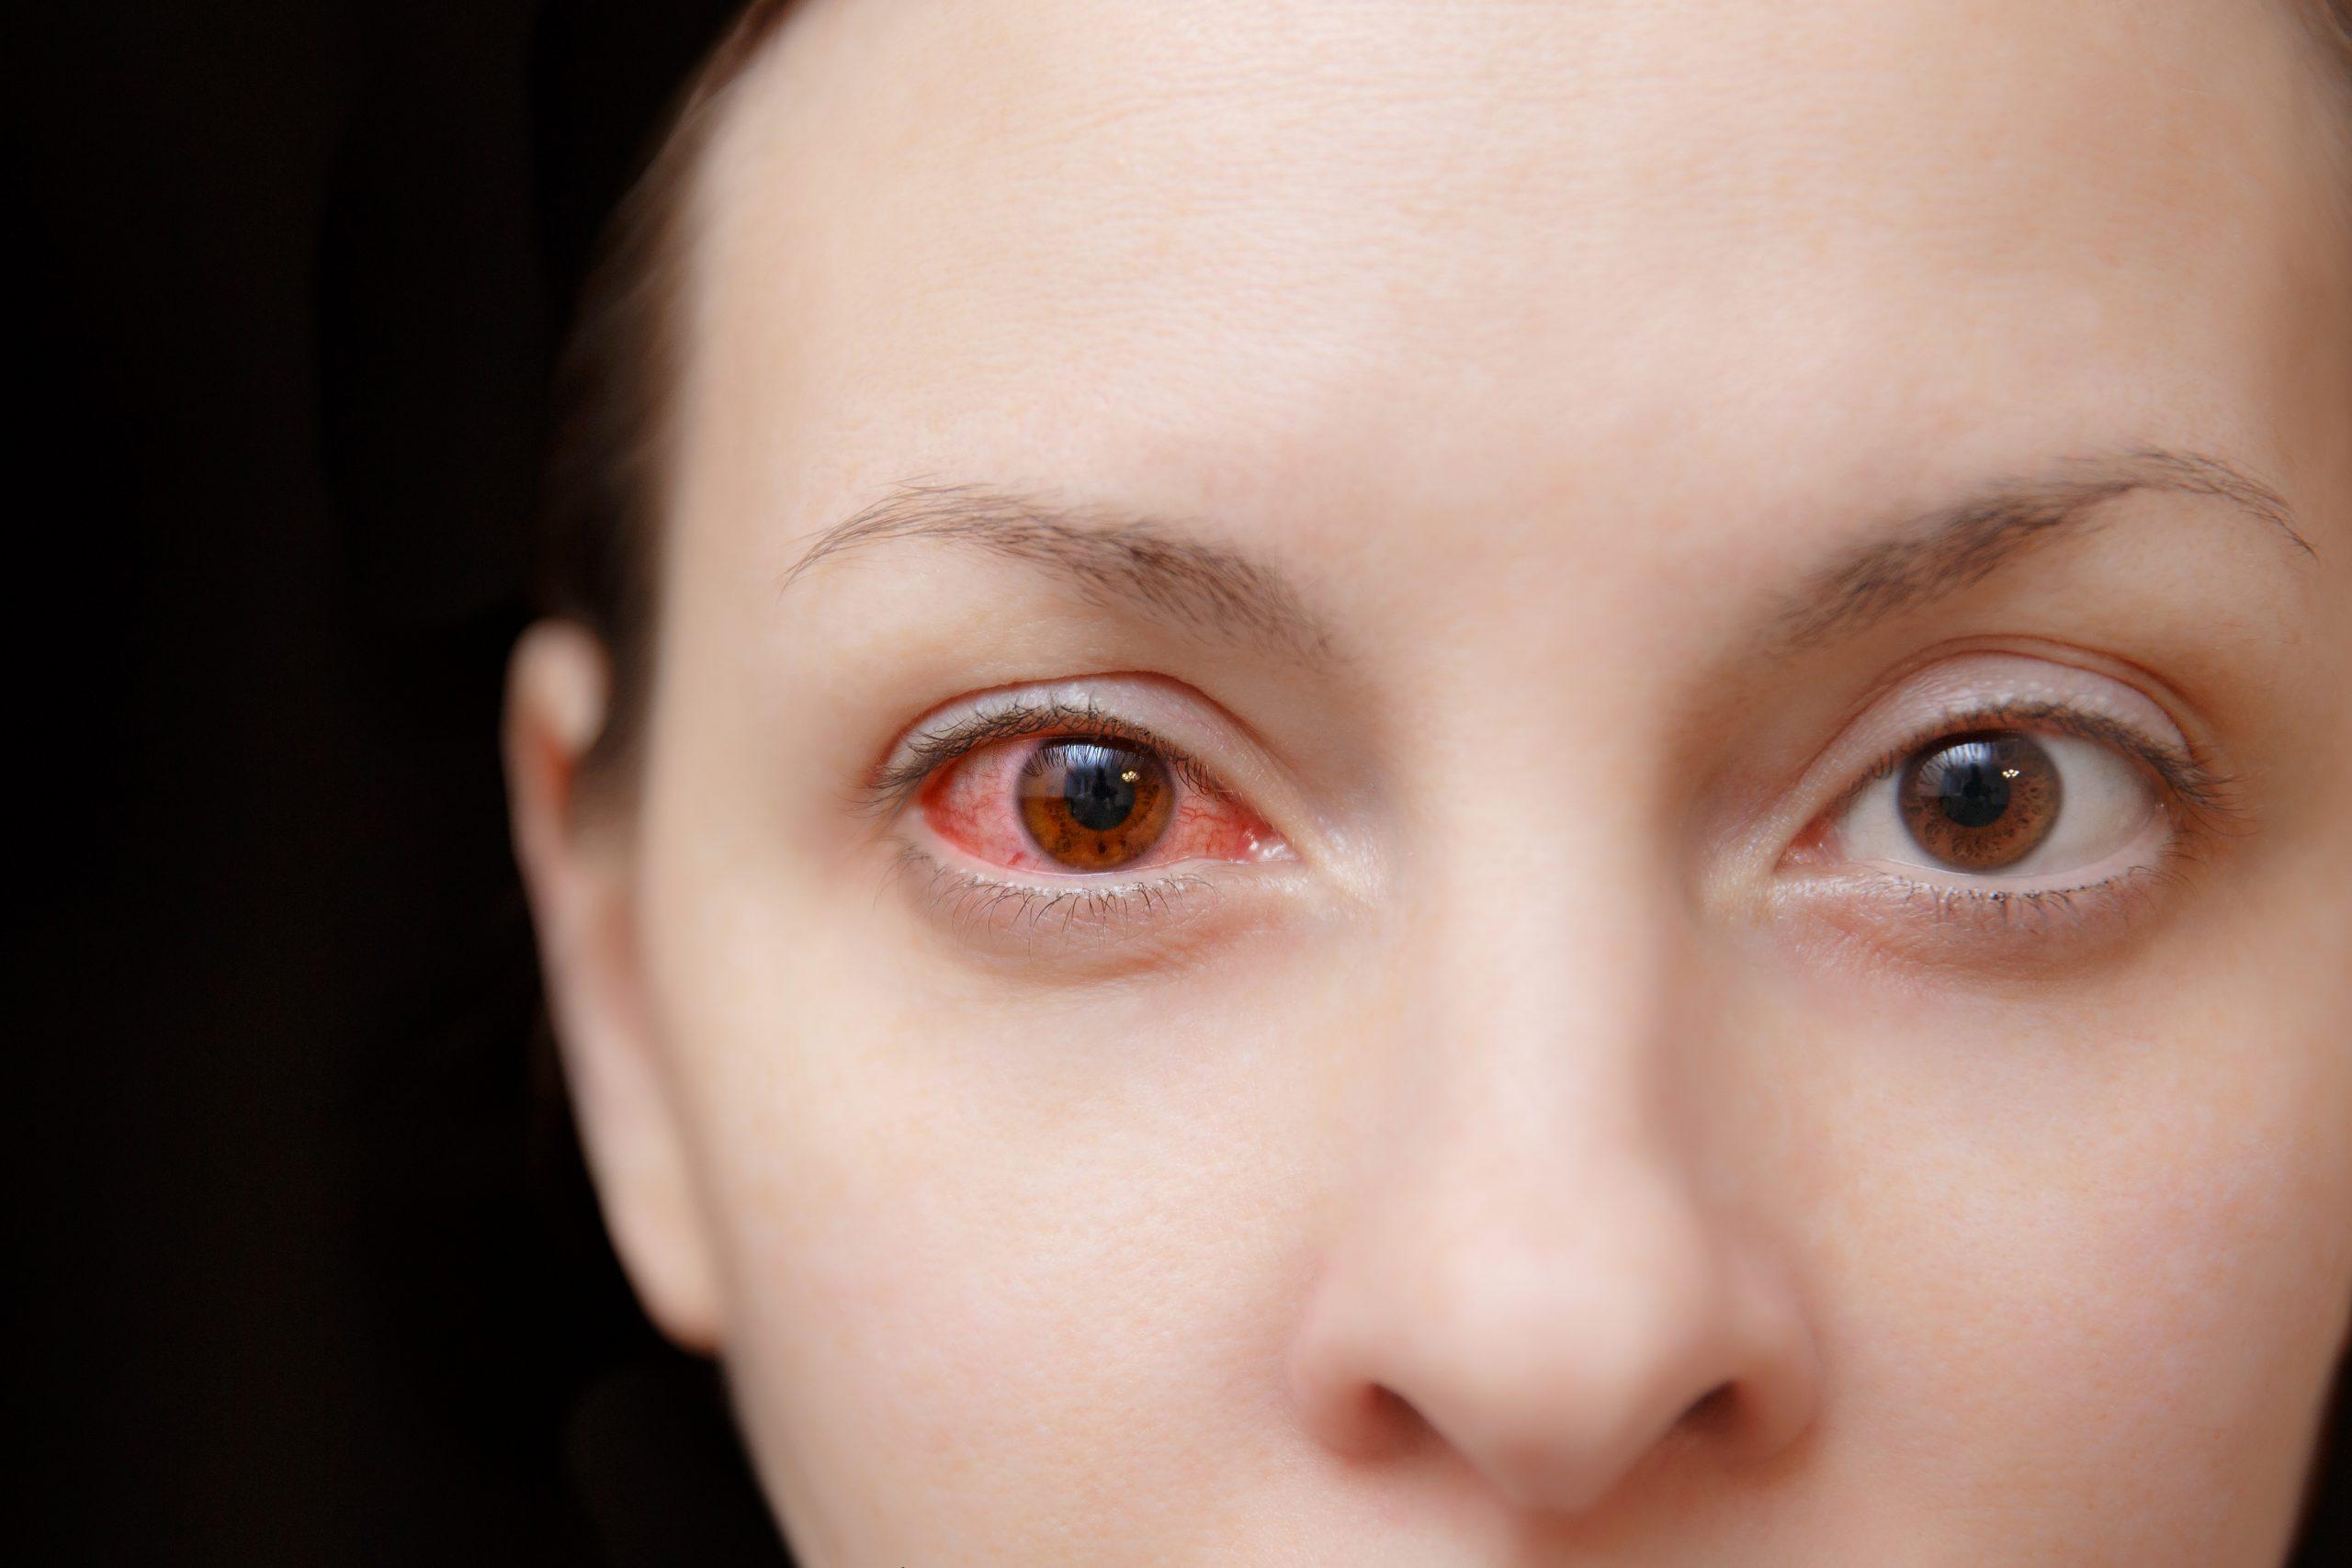 Retina yırtıkları görme kaybına neden olabiliyor #1